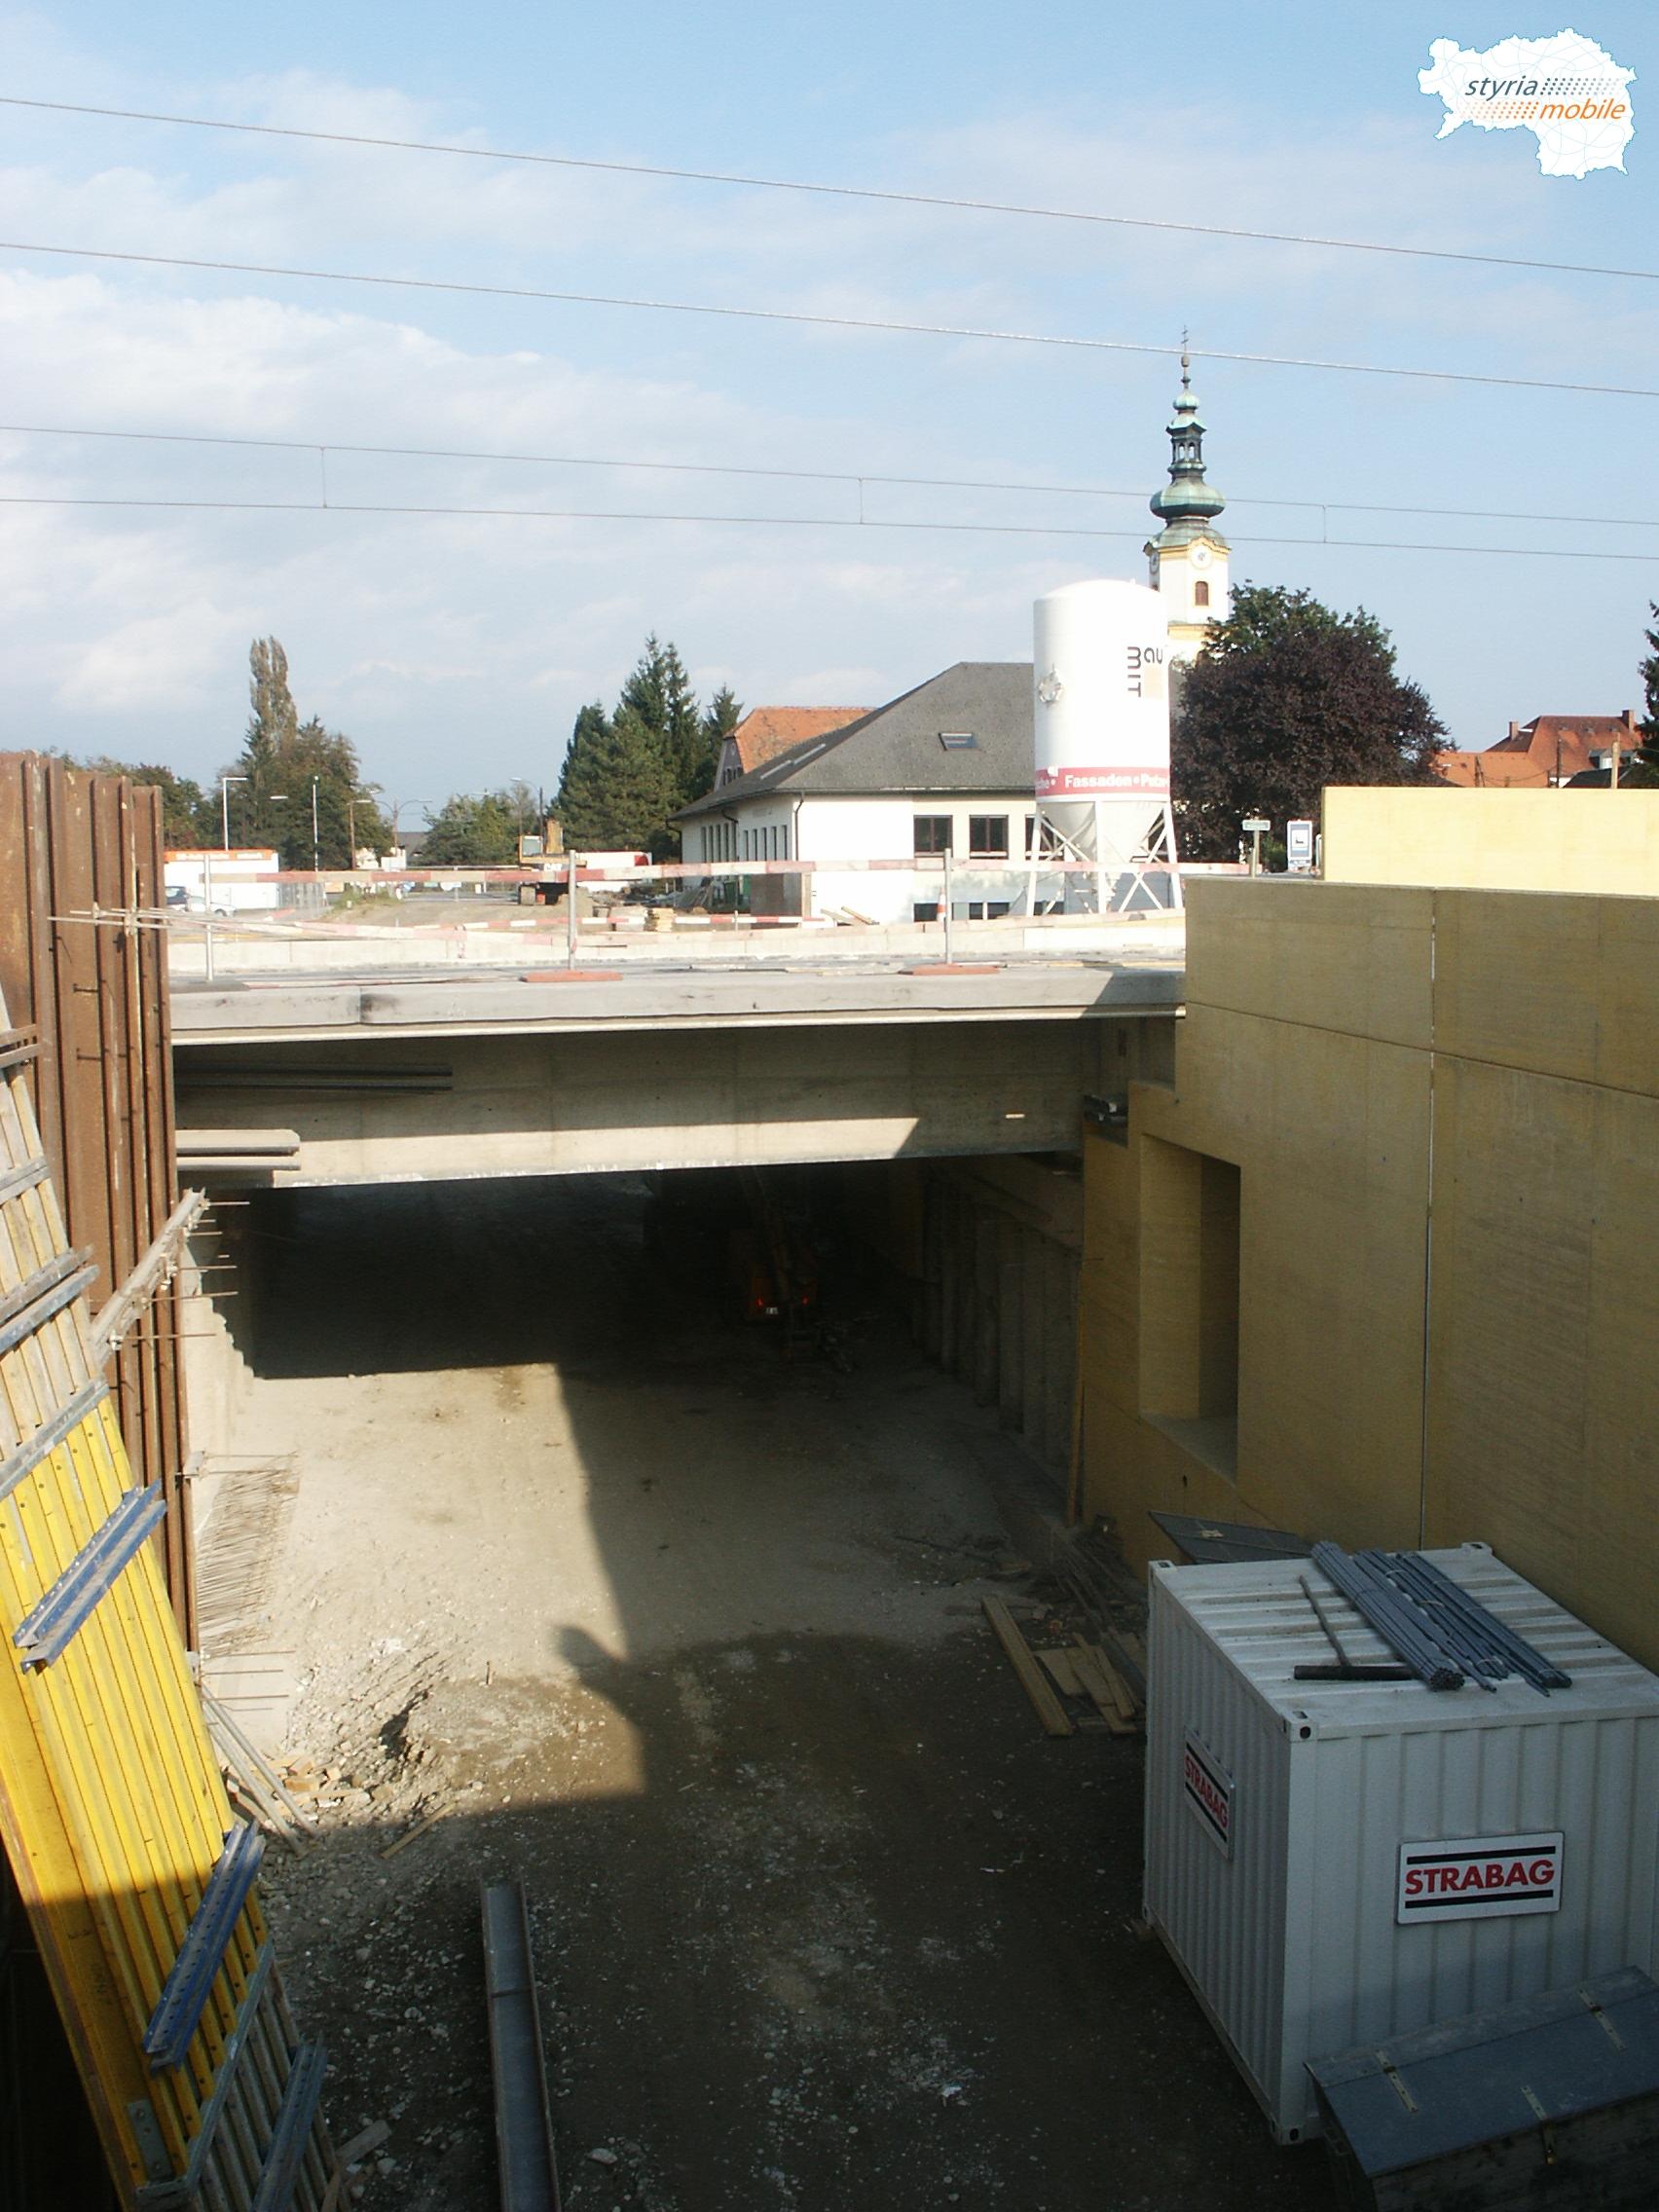 Unterführung-Feldkirchnerstrasse-1